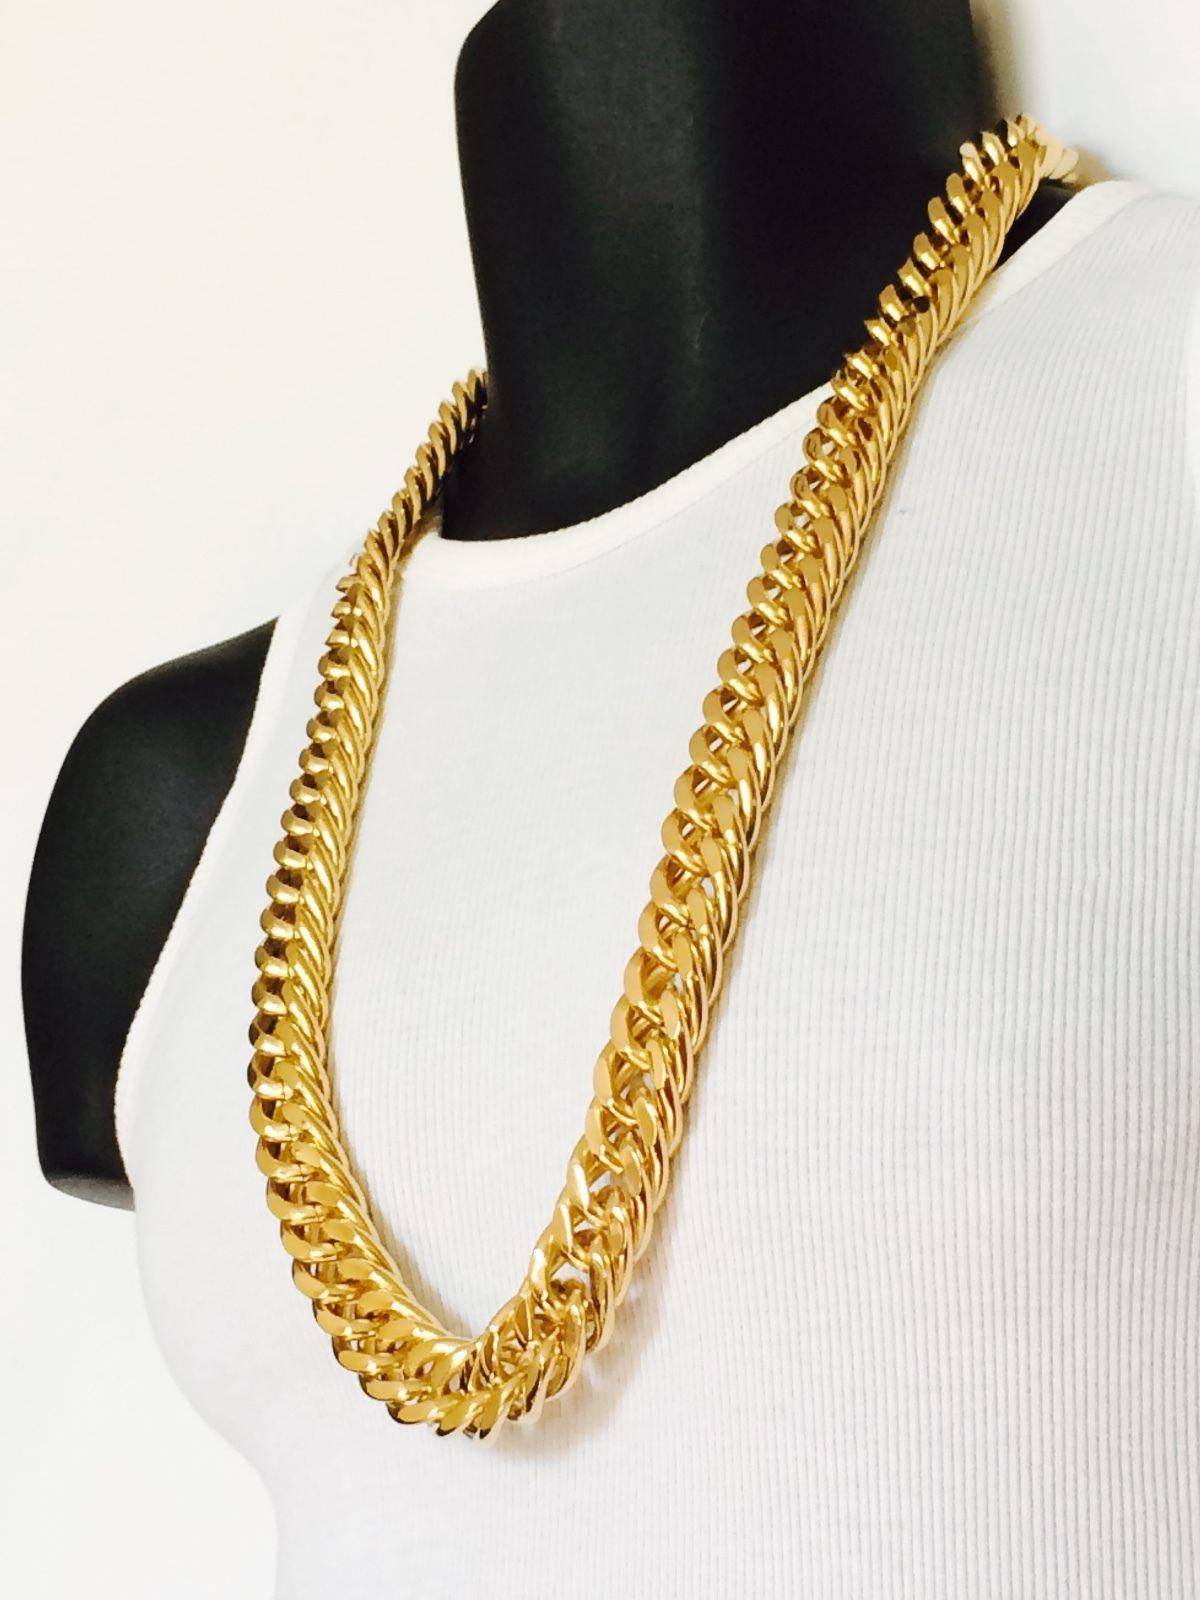 Echte goldkette